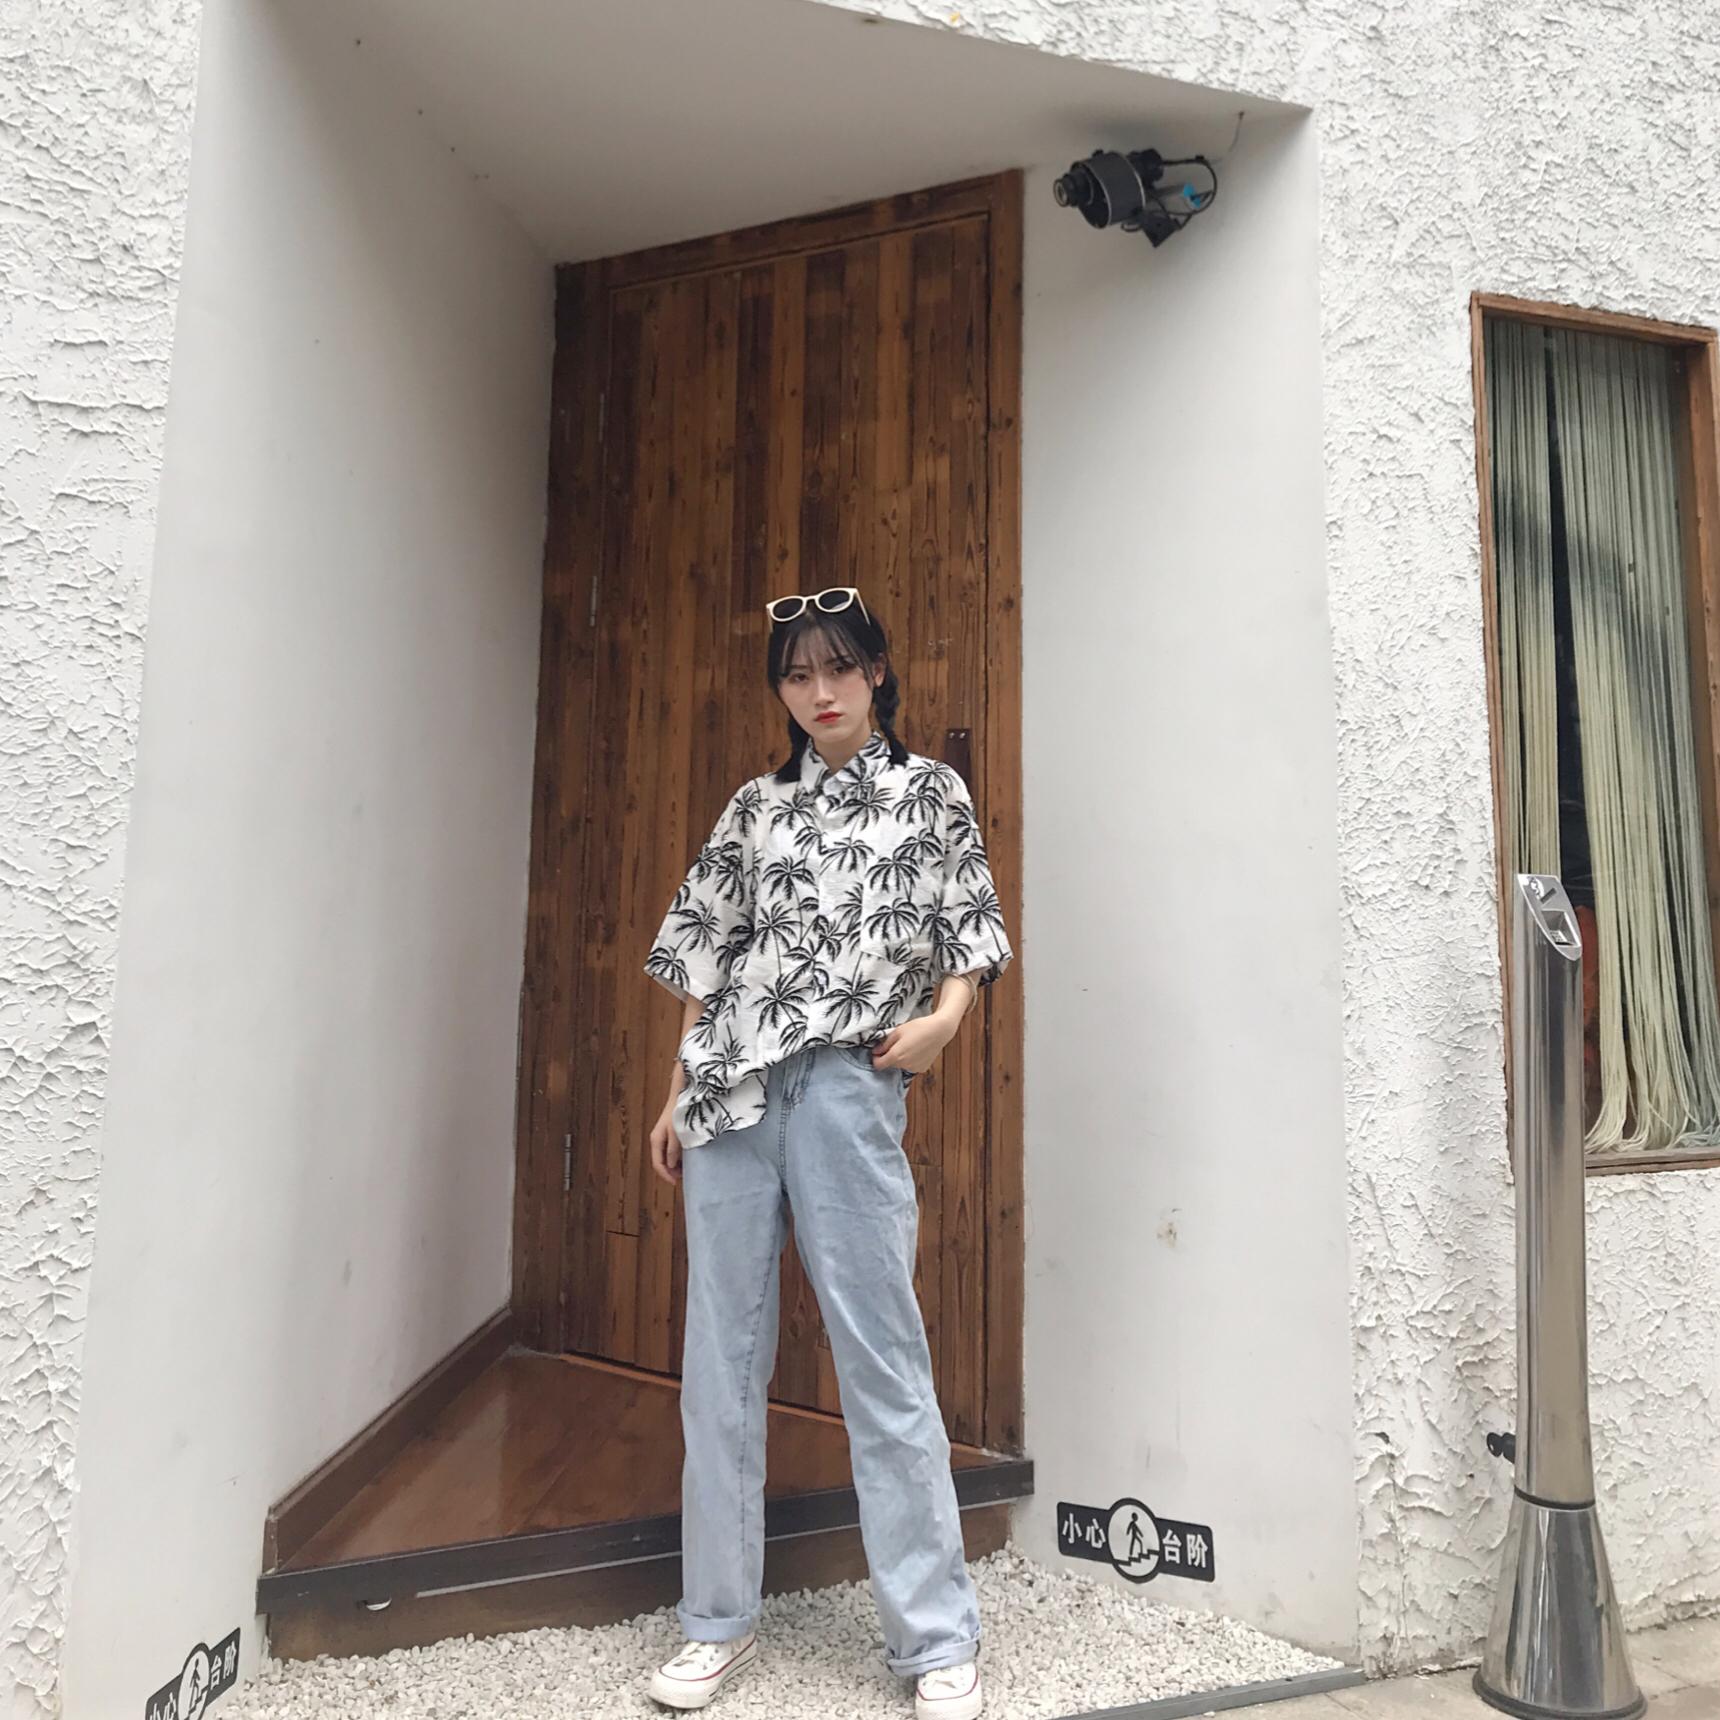 """#酷暑无时尚?服用""""凉""""方# 夏威夷衬衫+直筒牛仔裤+板鞋 今日份度假风 宽松的版型总是能给人一种安全感嘻嘻 挑了一款完全不挑人的款 干净利落~"""